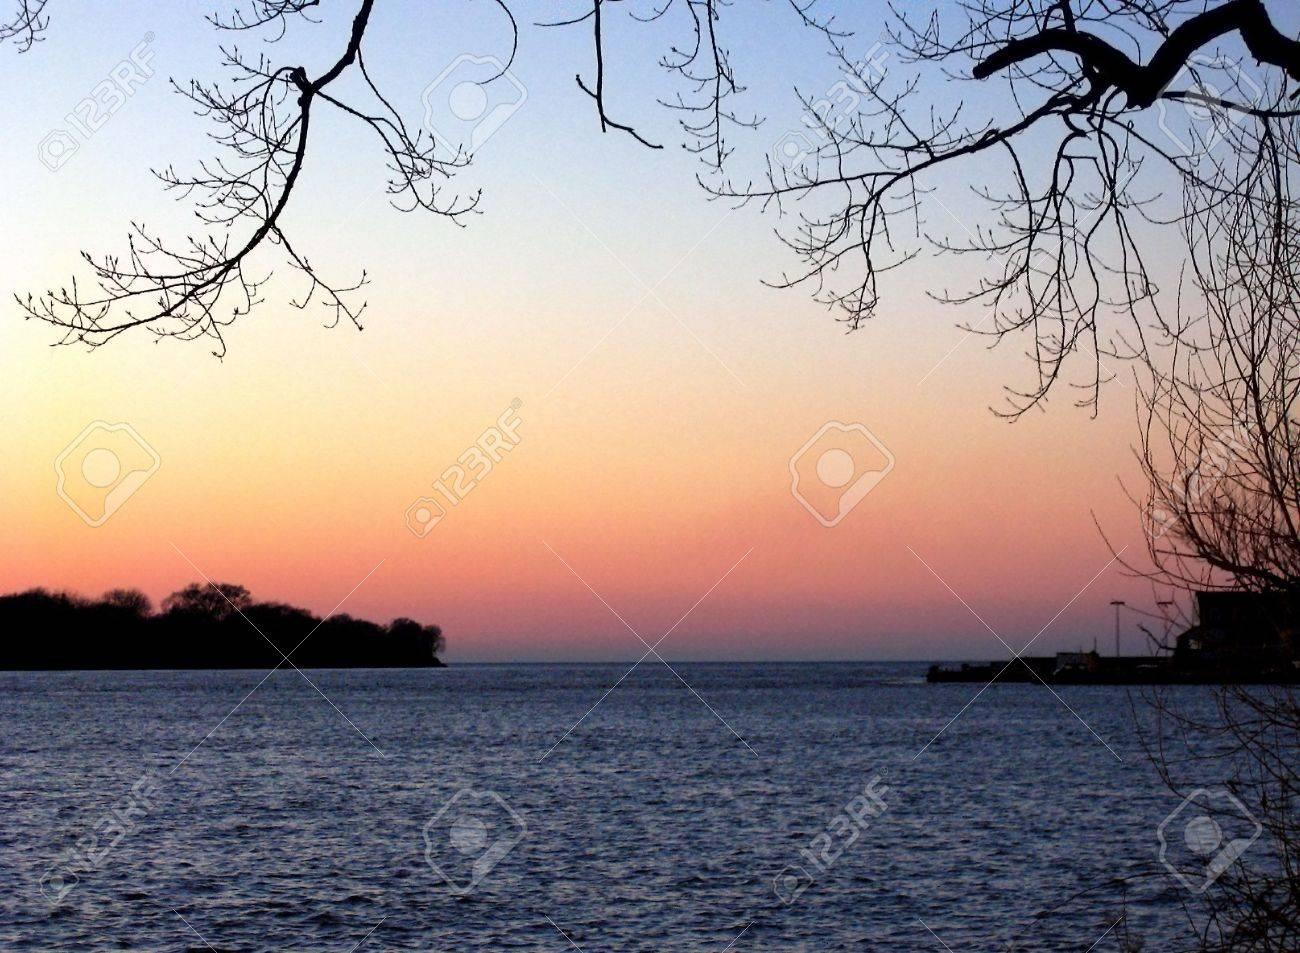 del ro nigara y el lago ontario en el sunset foto de archivo